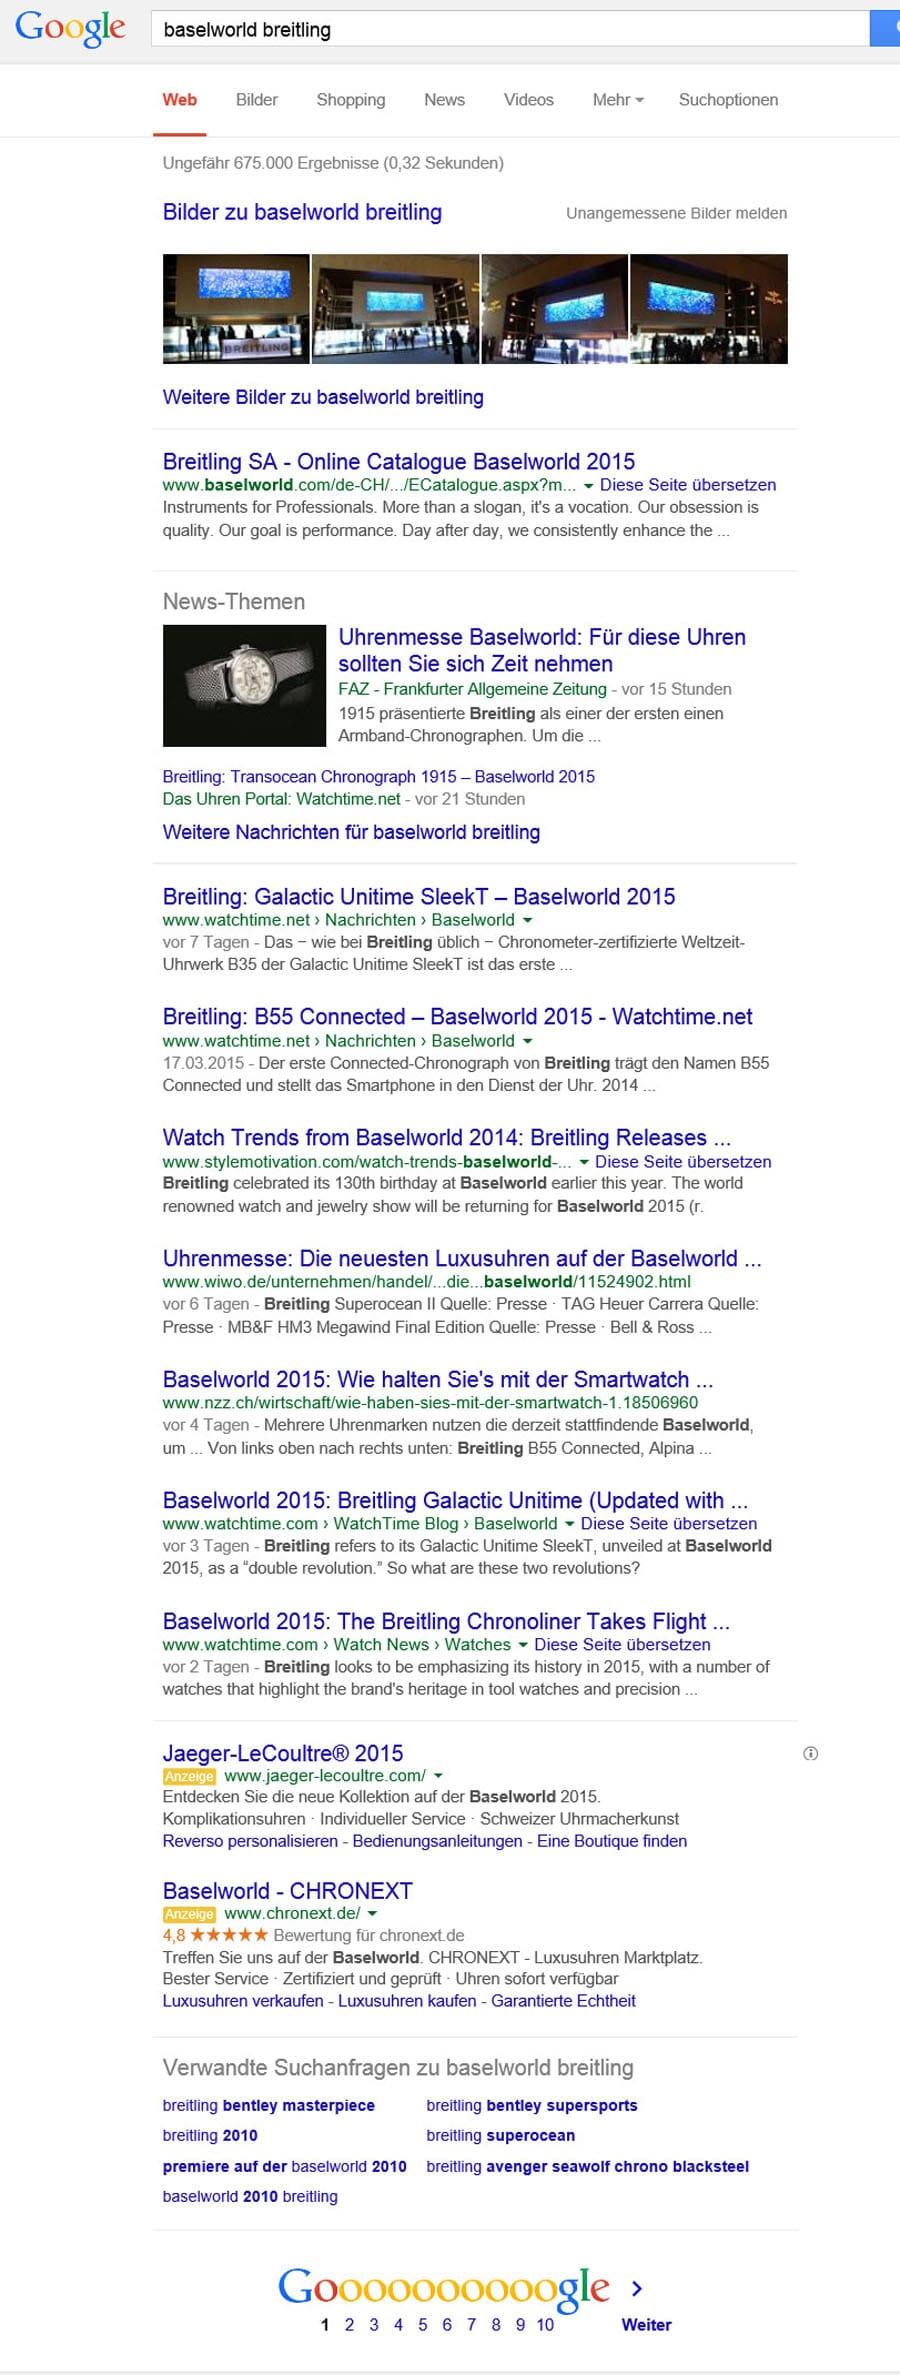 Suchergebnisse während der Baselworld 2015 für Breitling.